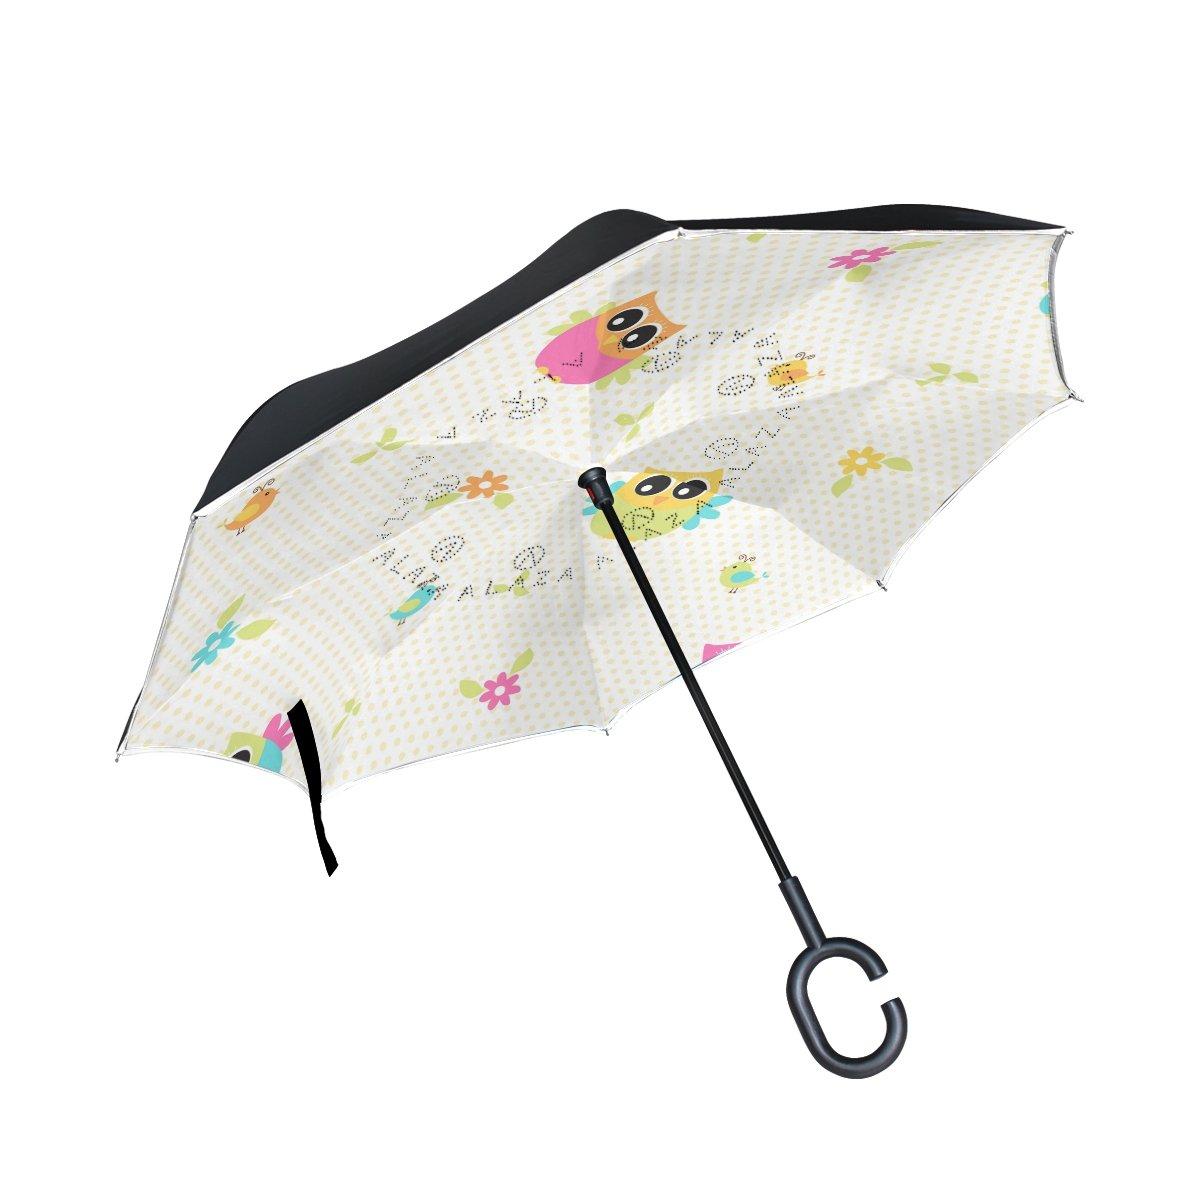 TIZORAX chouettes Fleurs inversé double couche droites parapluies sur l'envers réversible Parapluie avec poignée en forme de C pour la pluie Soleil de voiture Utilisation